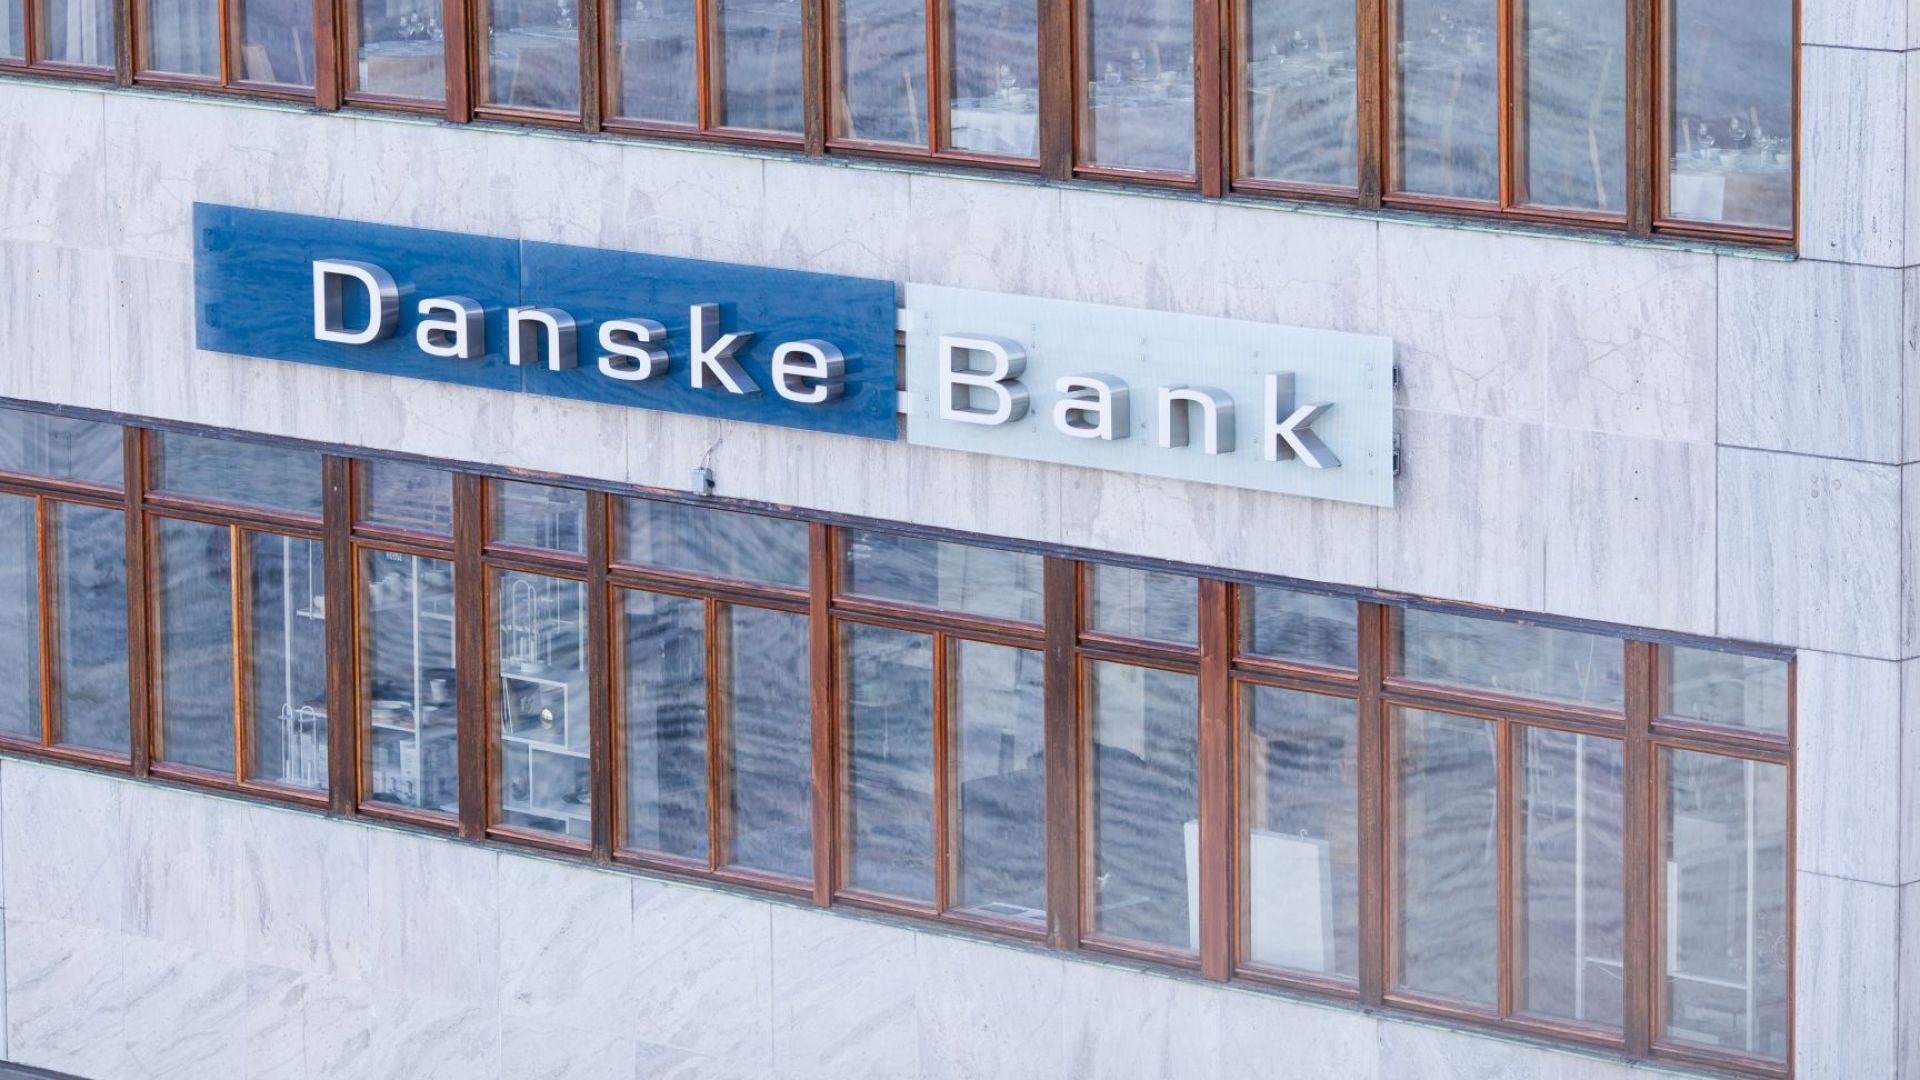 Йеспер Нилсен ще спасява Данске банк след скандала за 200 млрд. евро